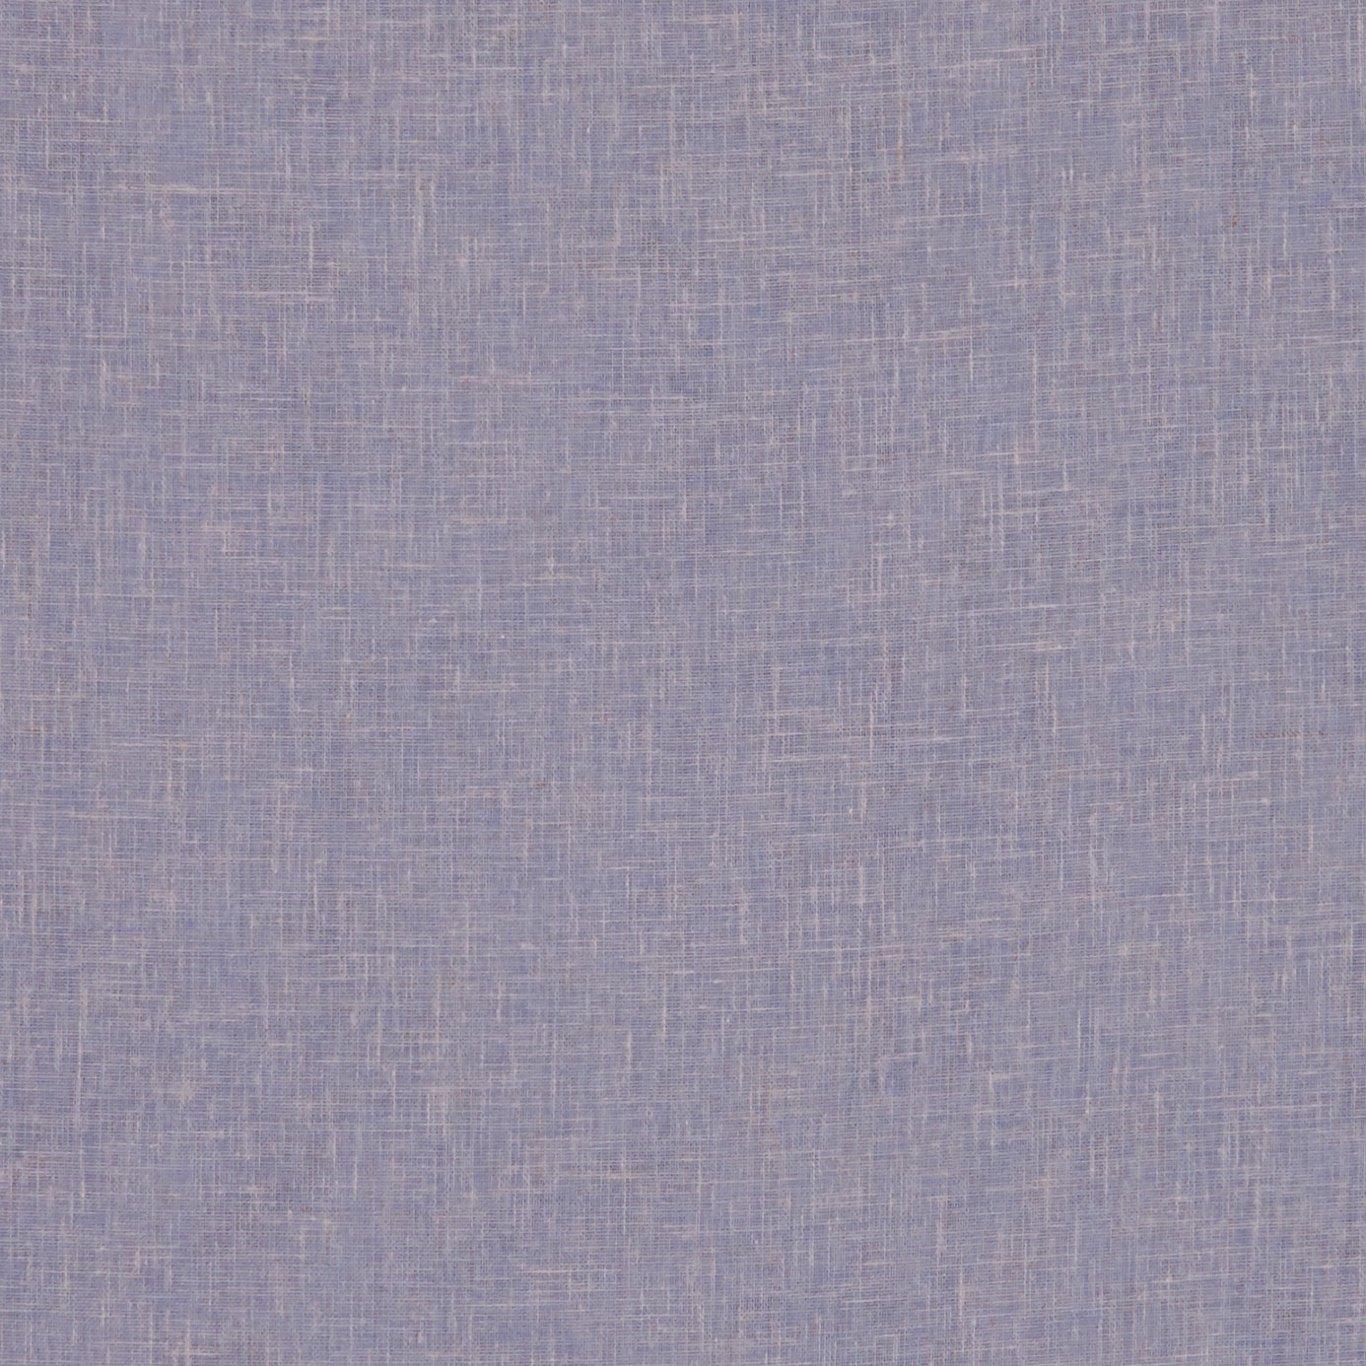 Midori Lavender